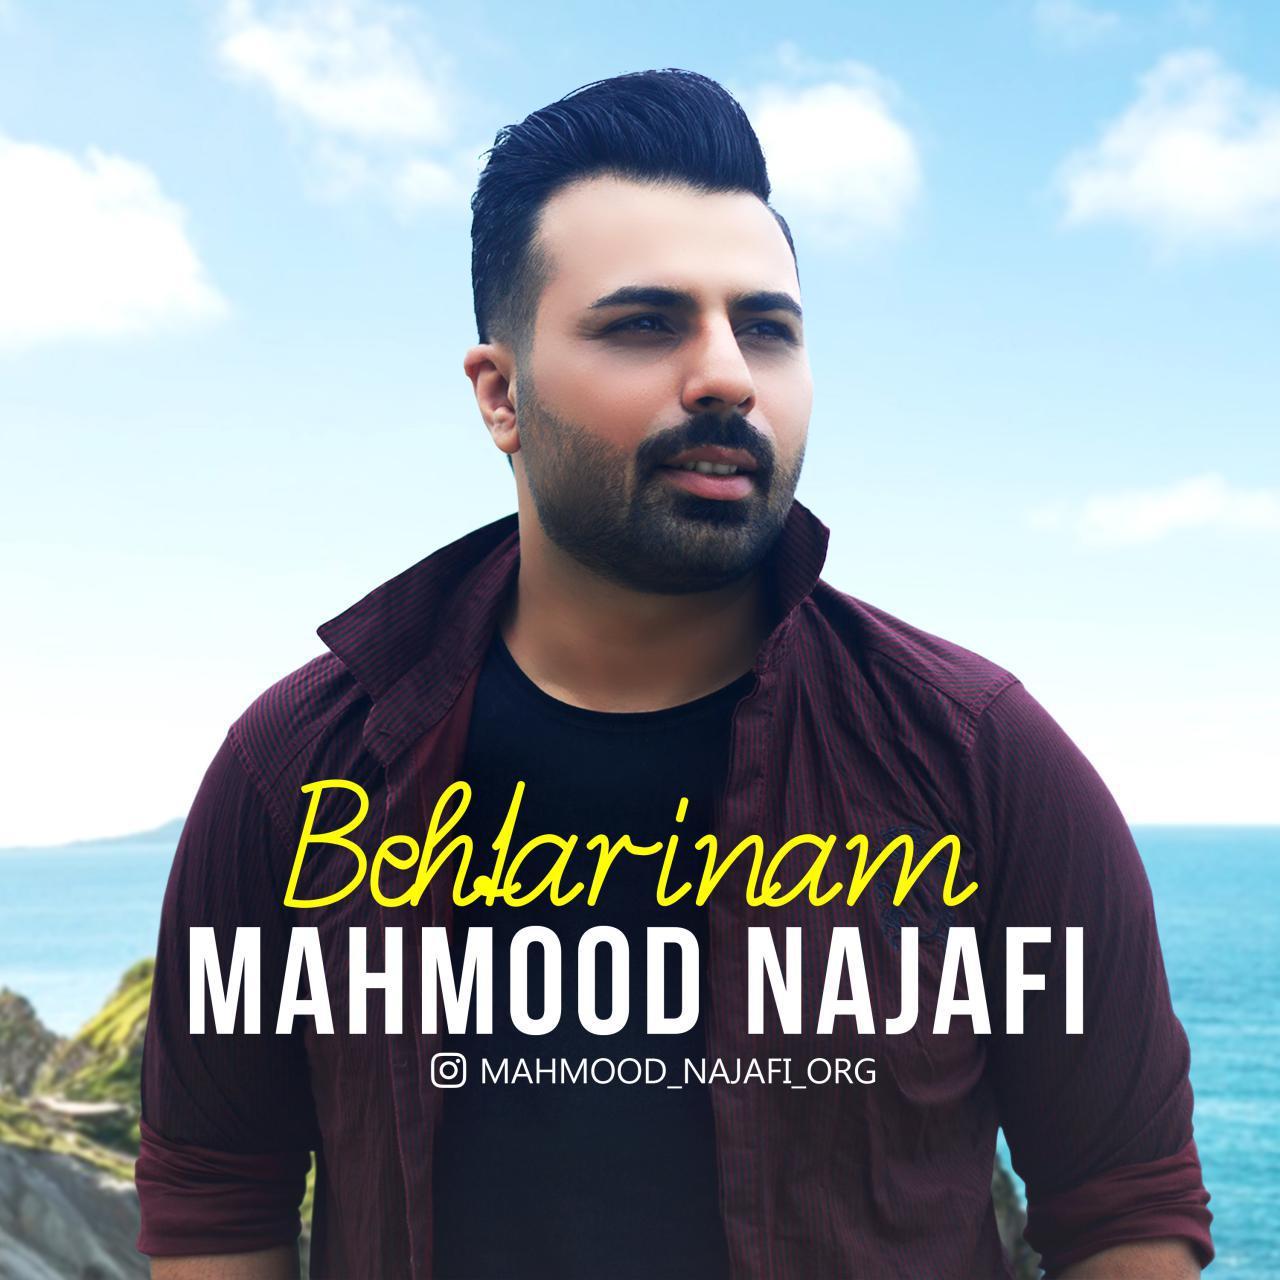 محمود نجفی به نام بهترینم